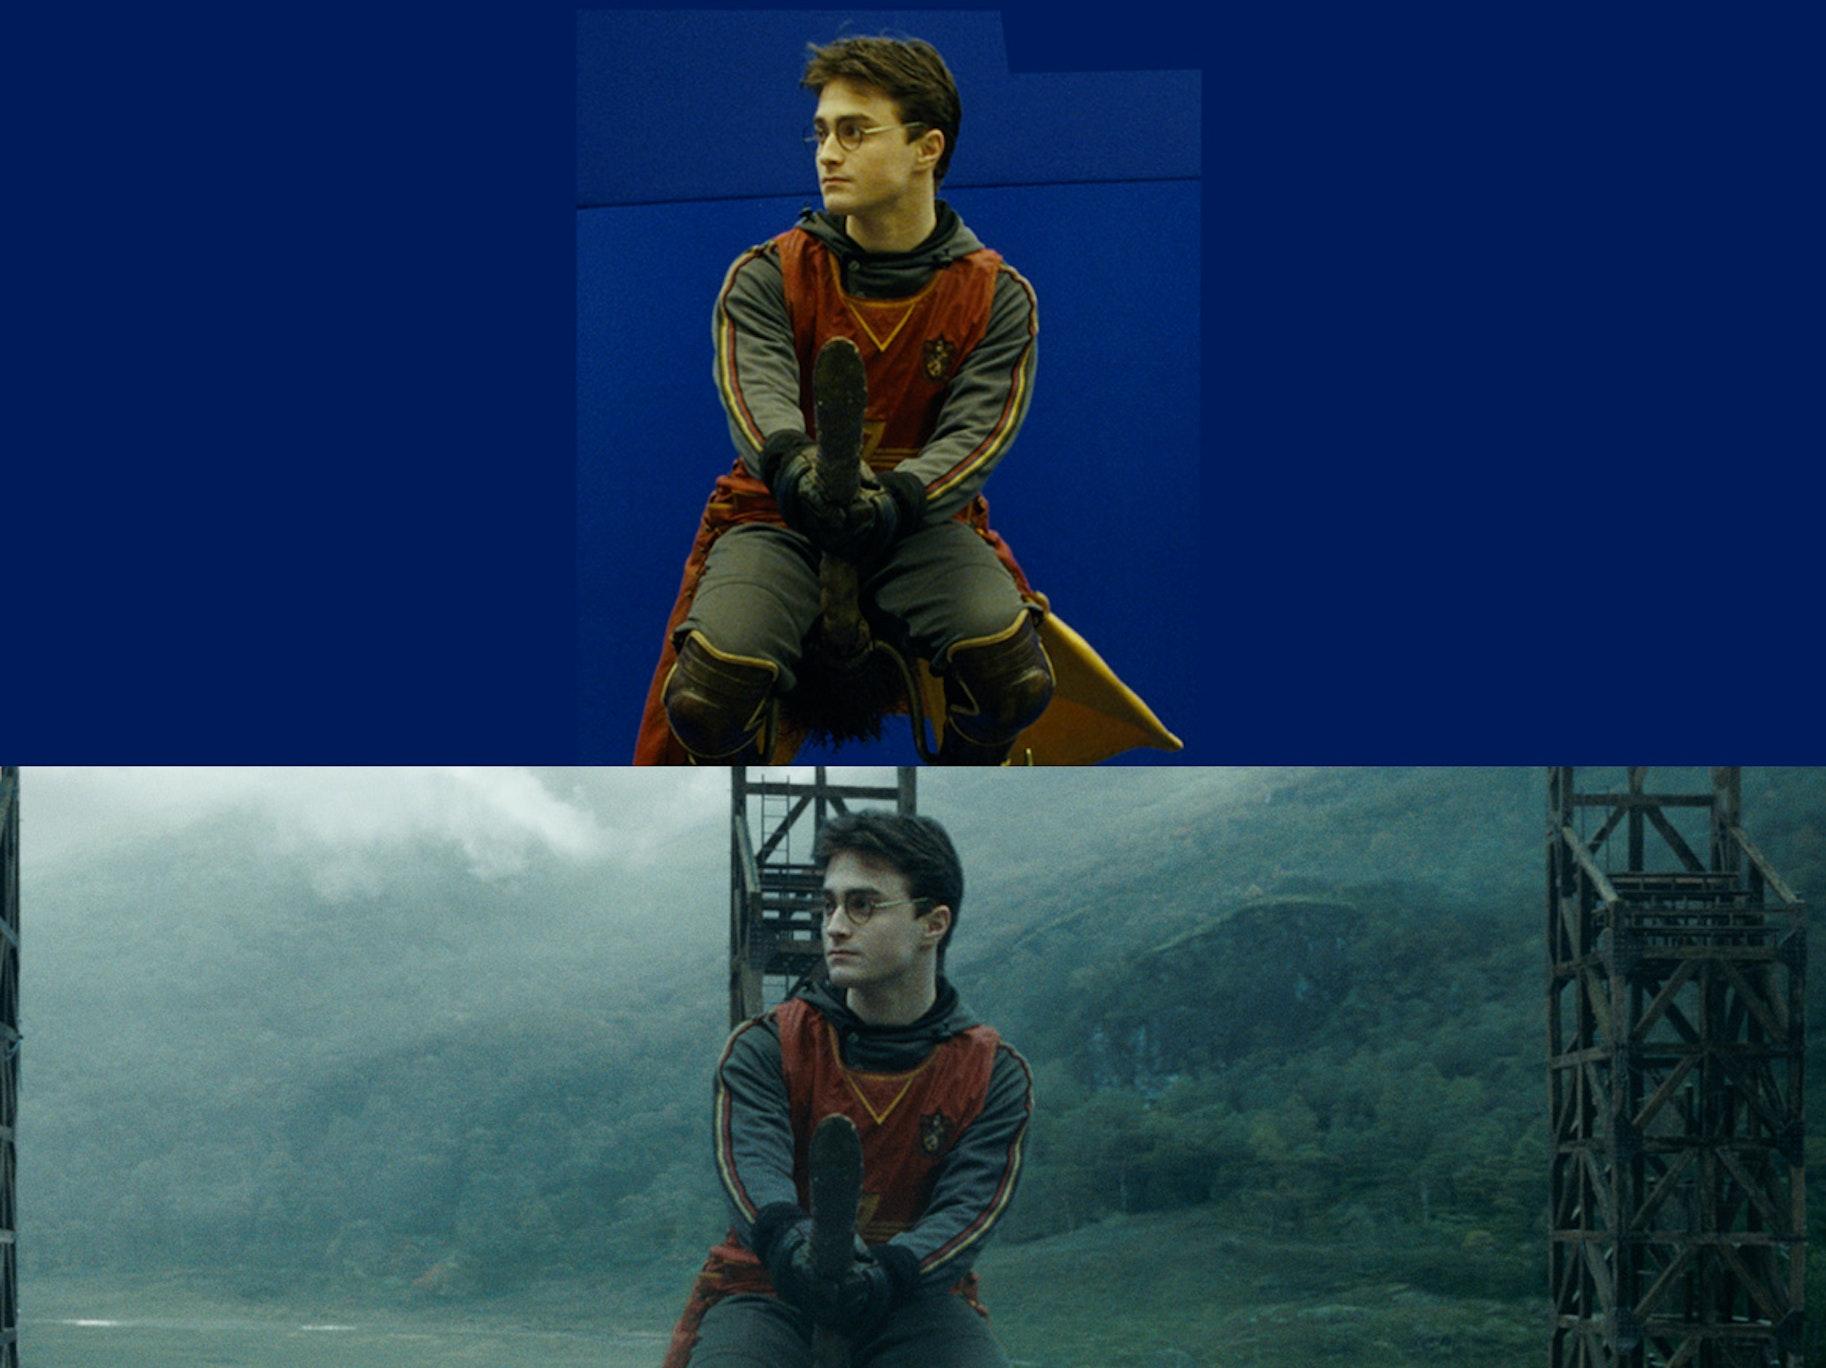 The VFX of Quidditch